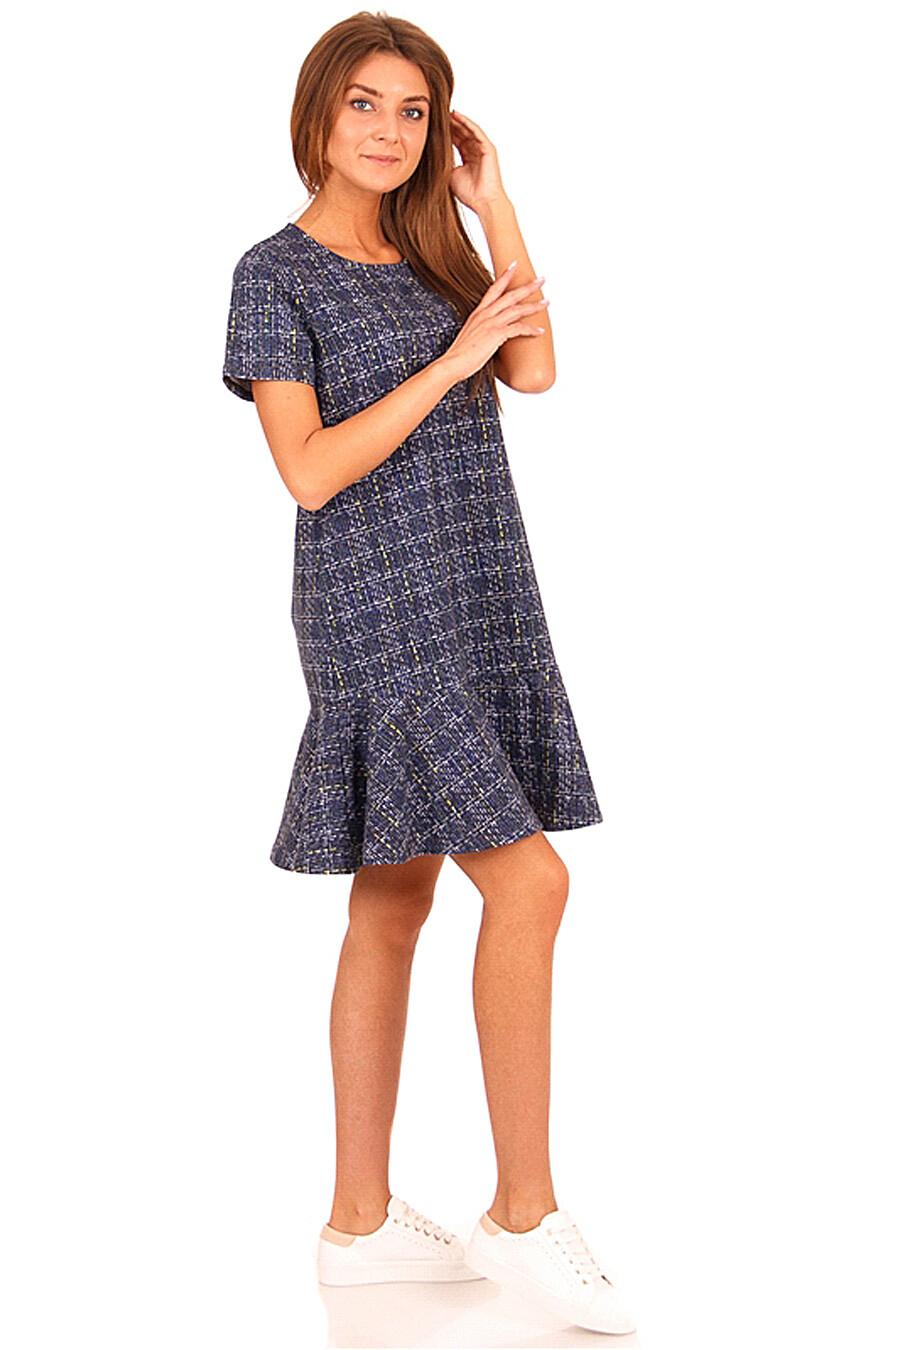 Платье для женщин АПРЕЛЬ 700642 купить оптом от производителя. Совместная покупка женской одежды в OptMoyo